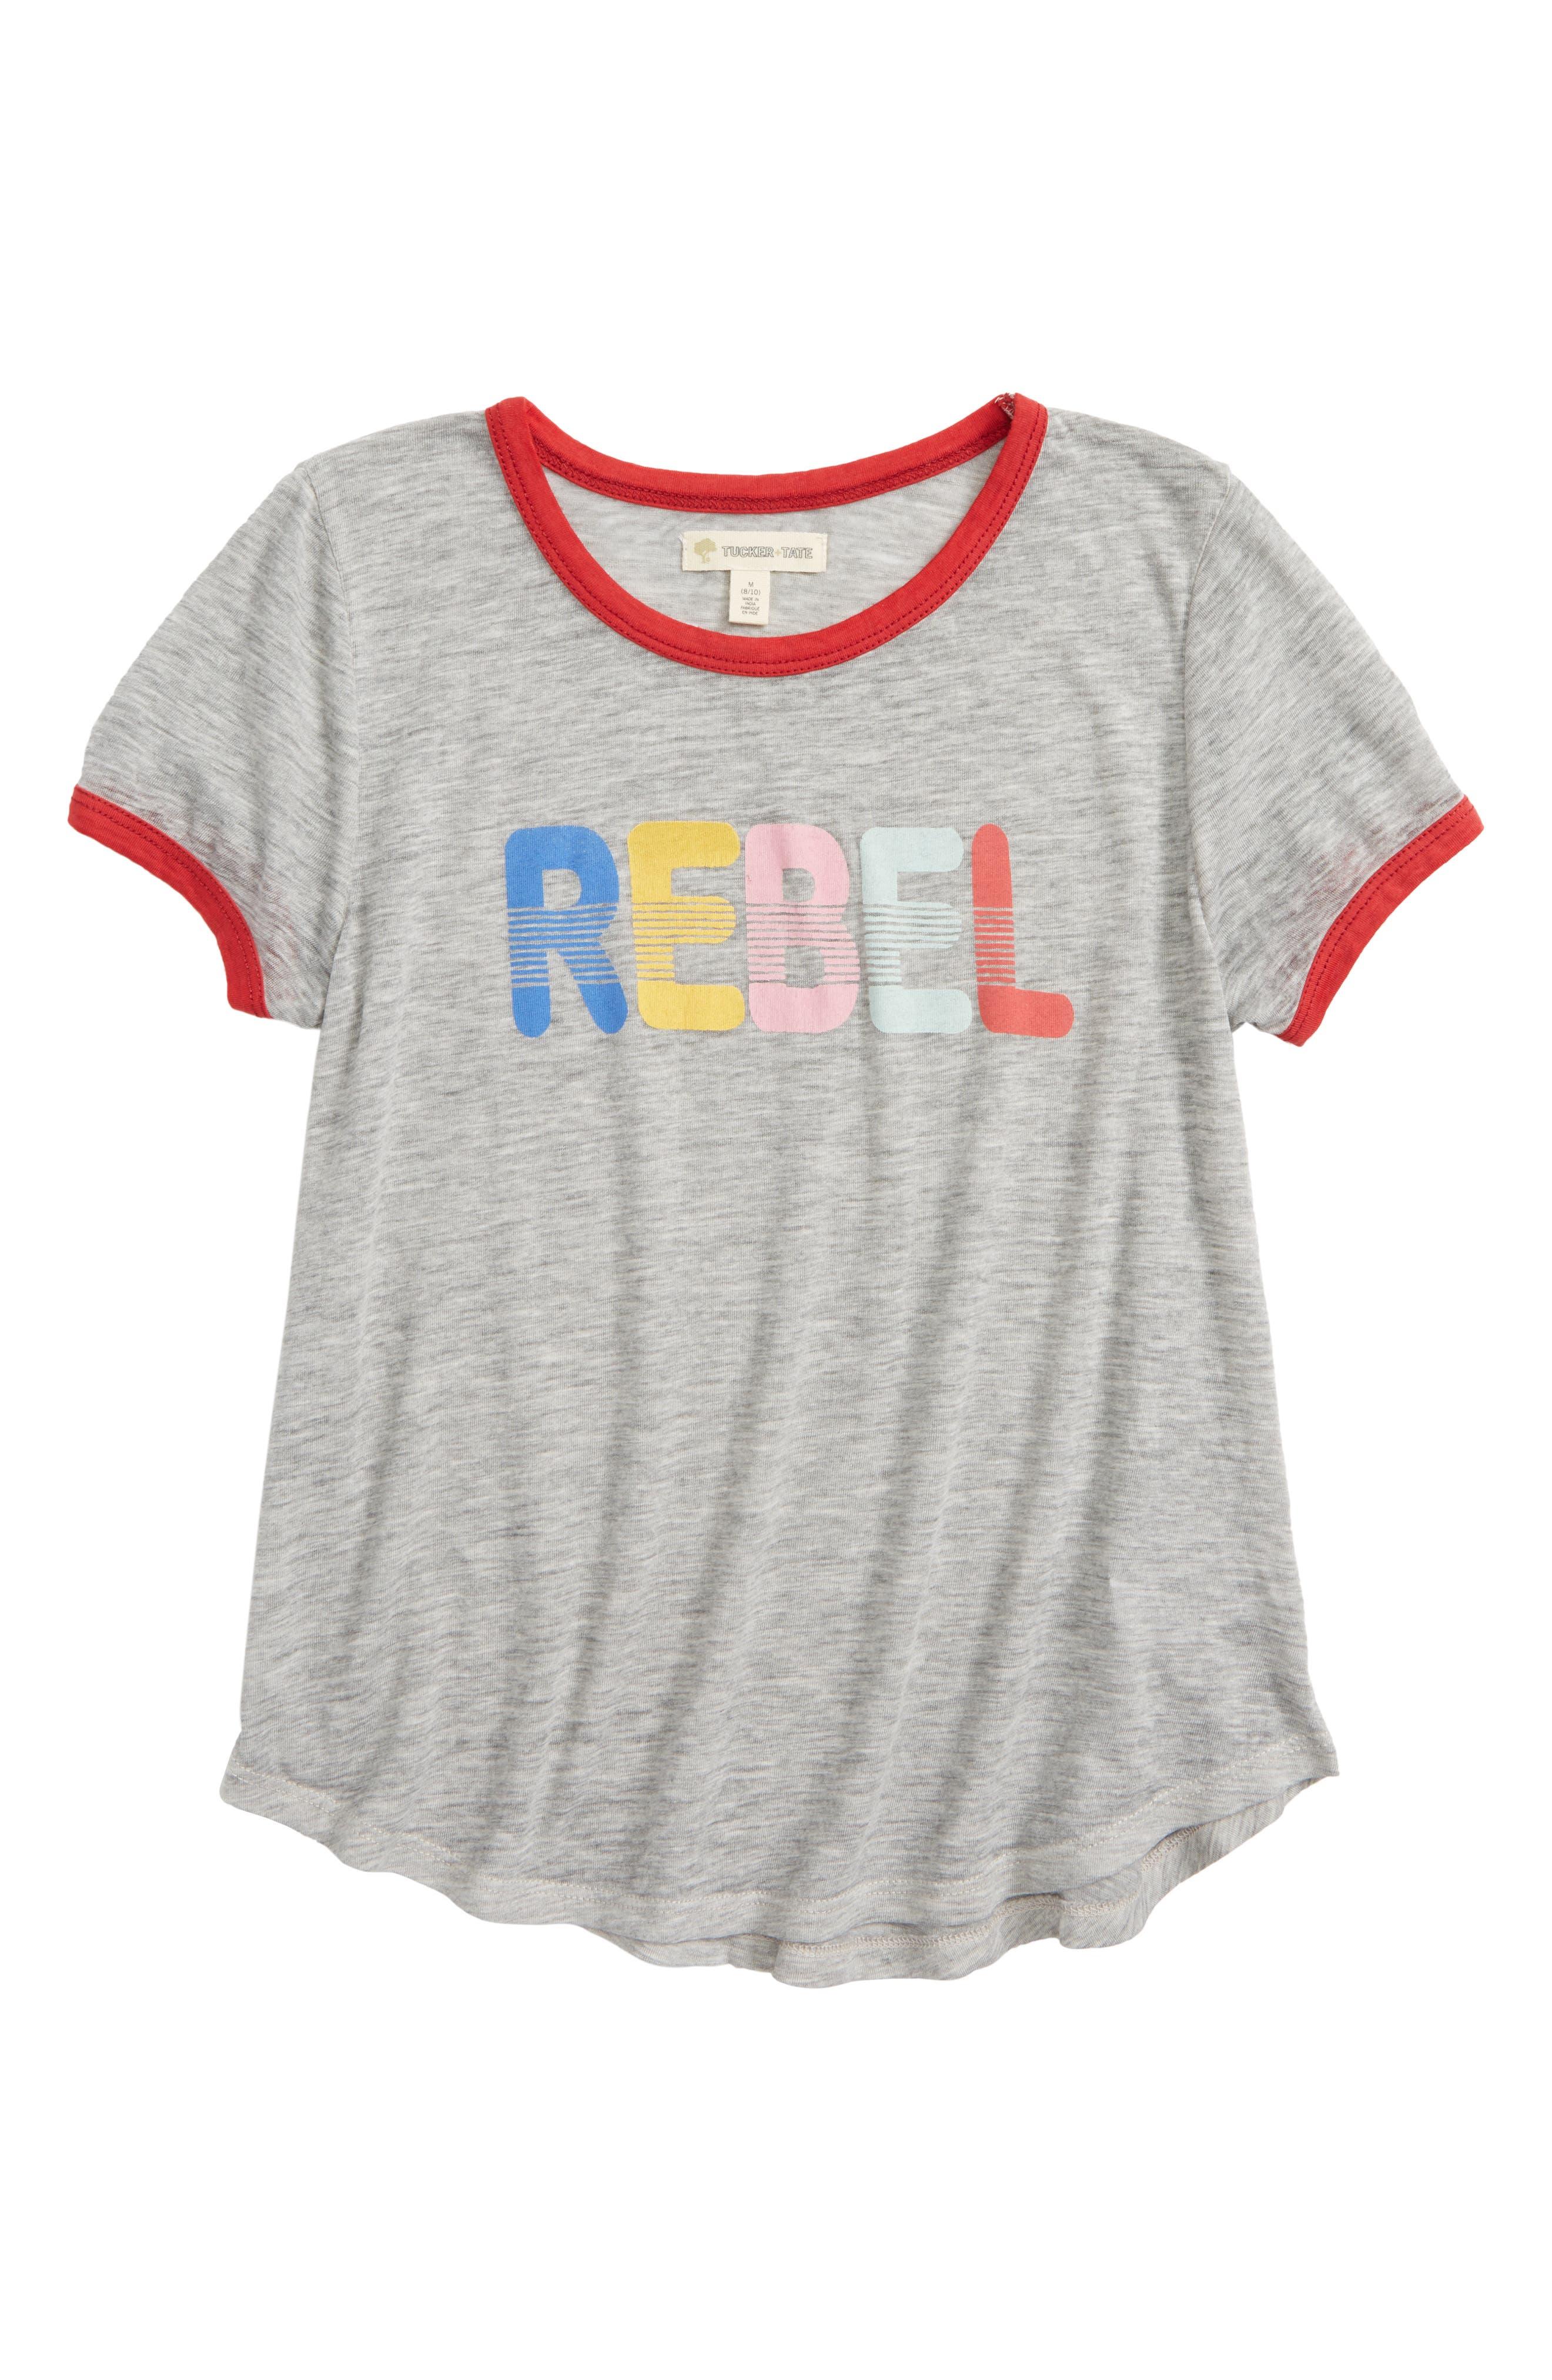 Rebel Ringer Tee,                         Main,                         color, Grey Ash Heather Rebel